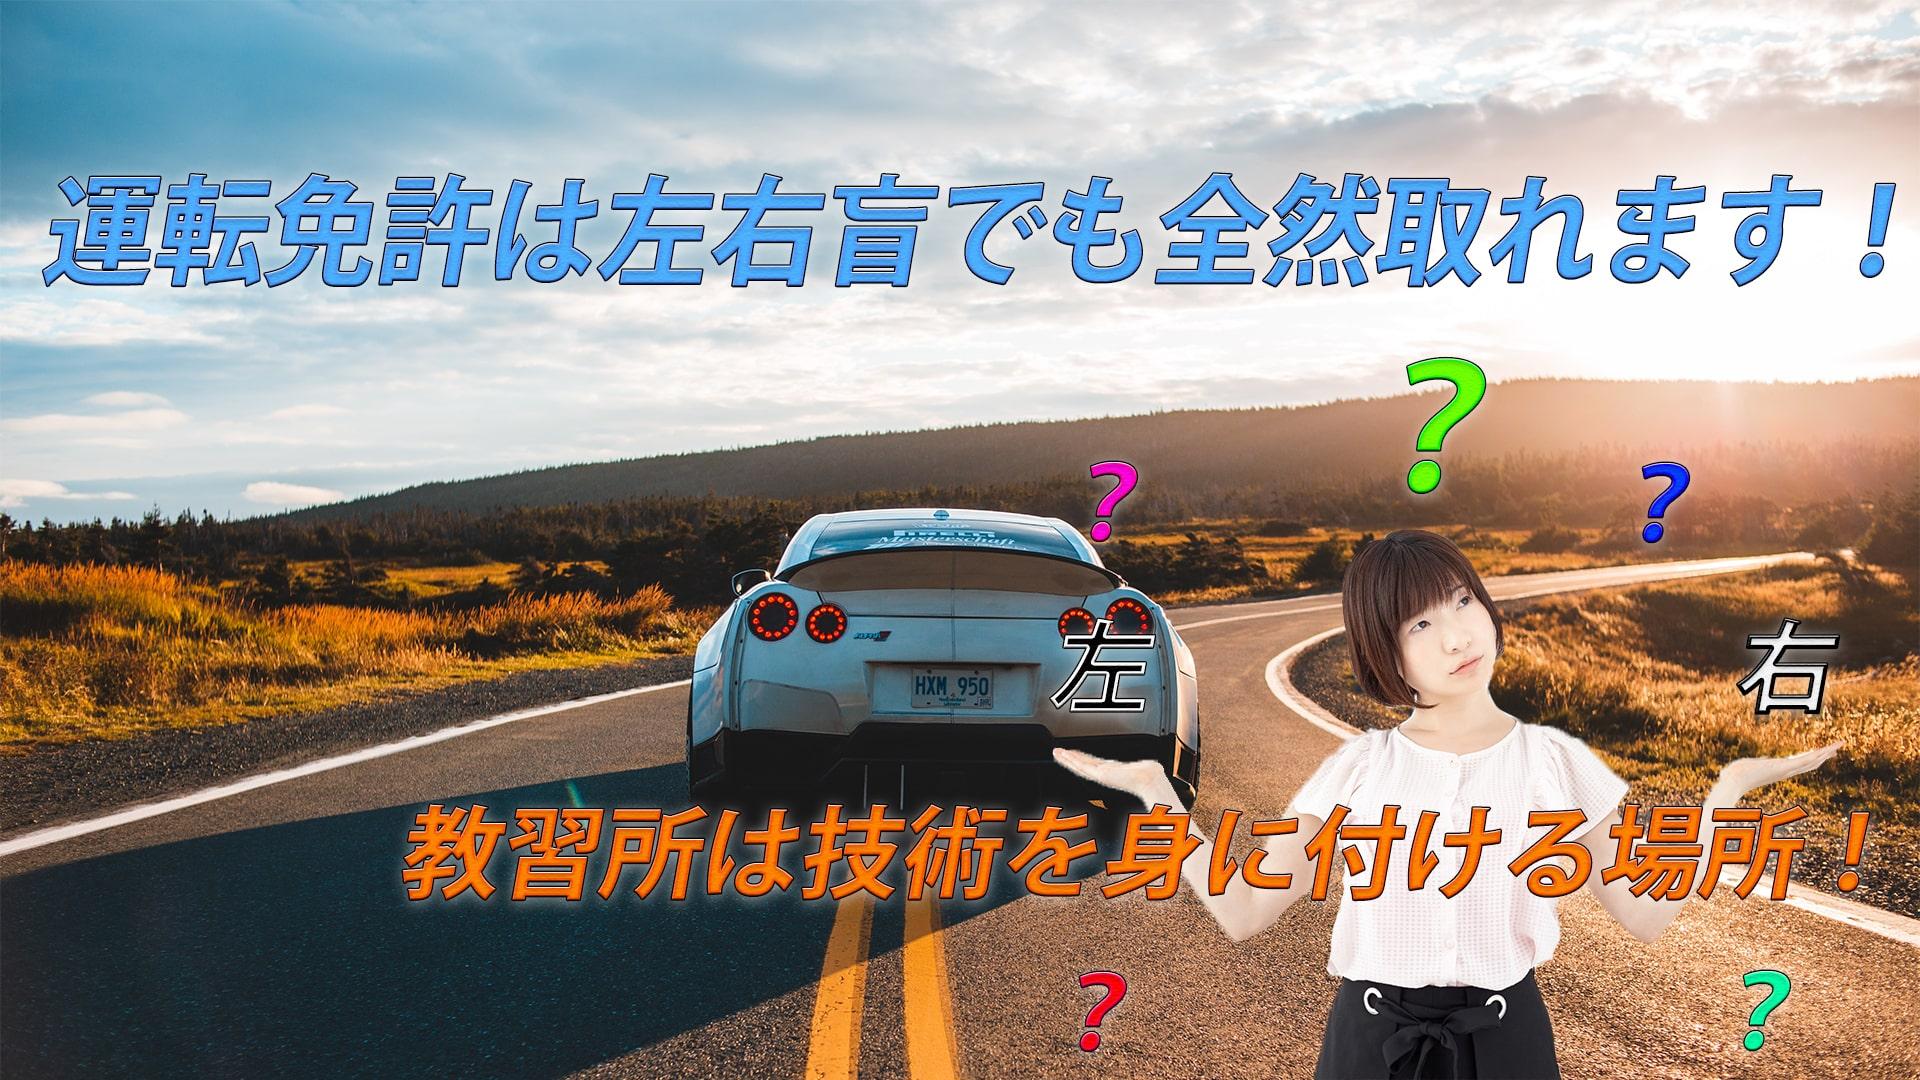 左右が瞬時に判断できない人は運転免許取れるの?(取れます!)